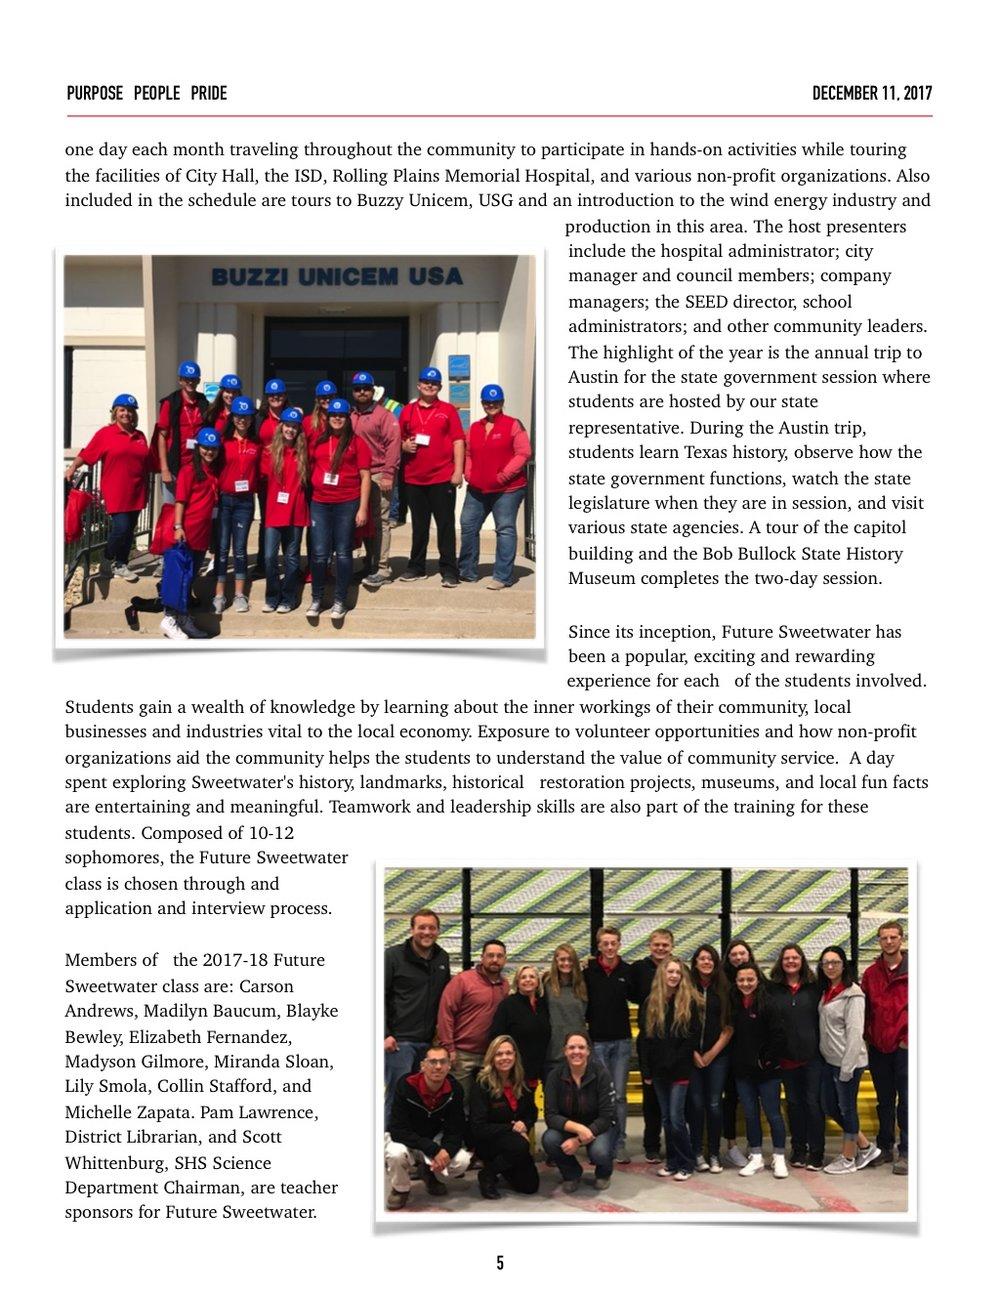 SISD Newsletter December 2017-5.jpg